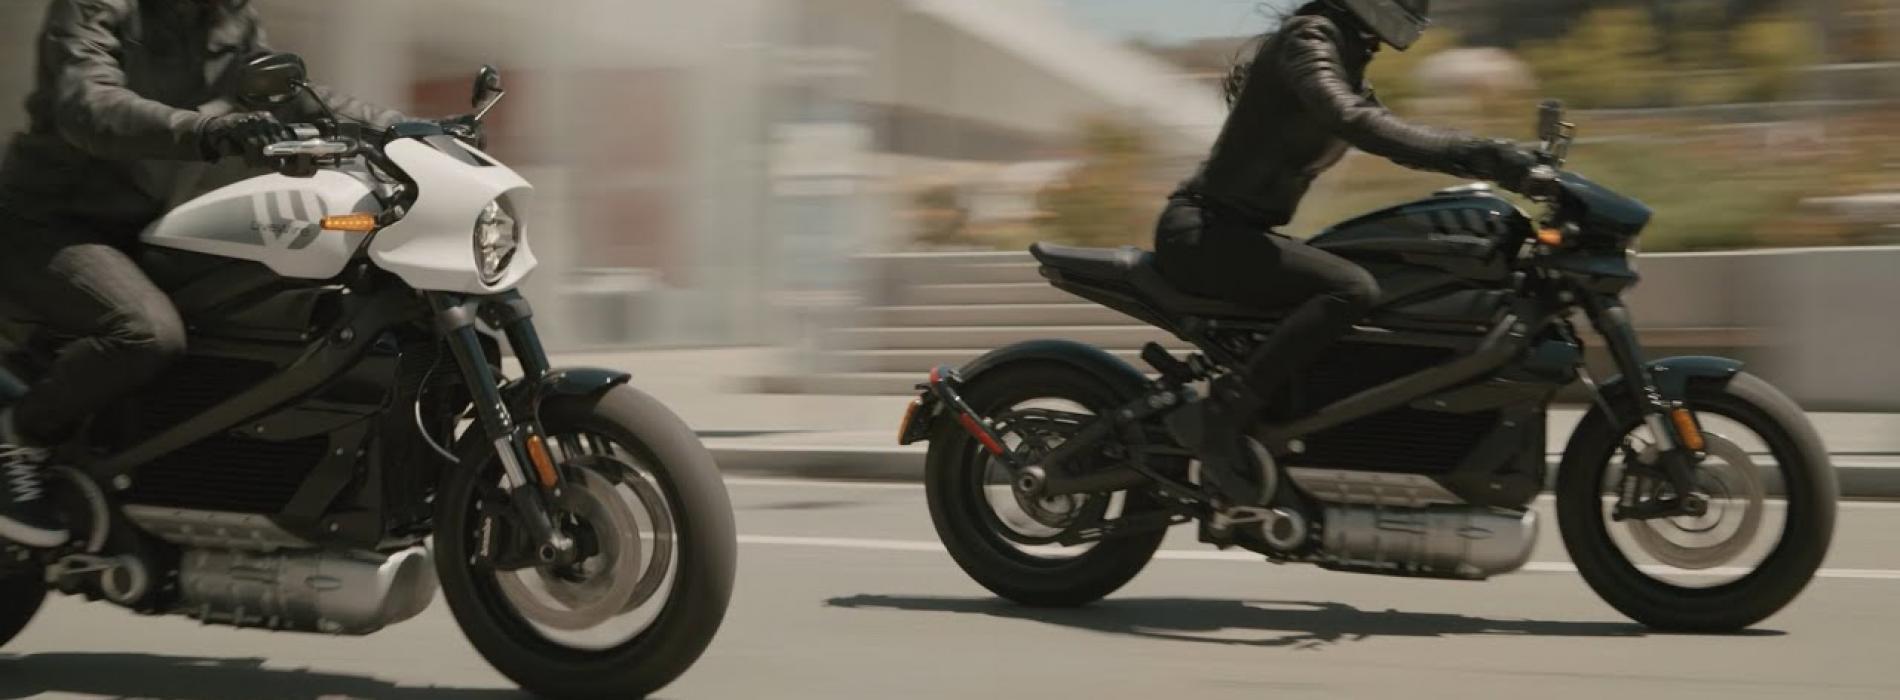 Apresentação da nova marca elétrica: LiveWire (Harley-Davidson)